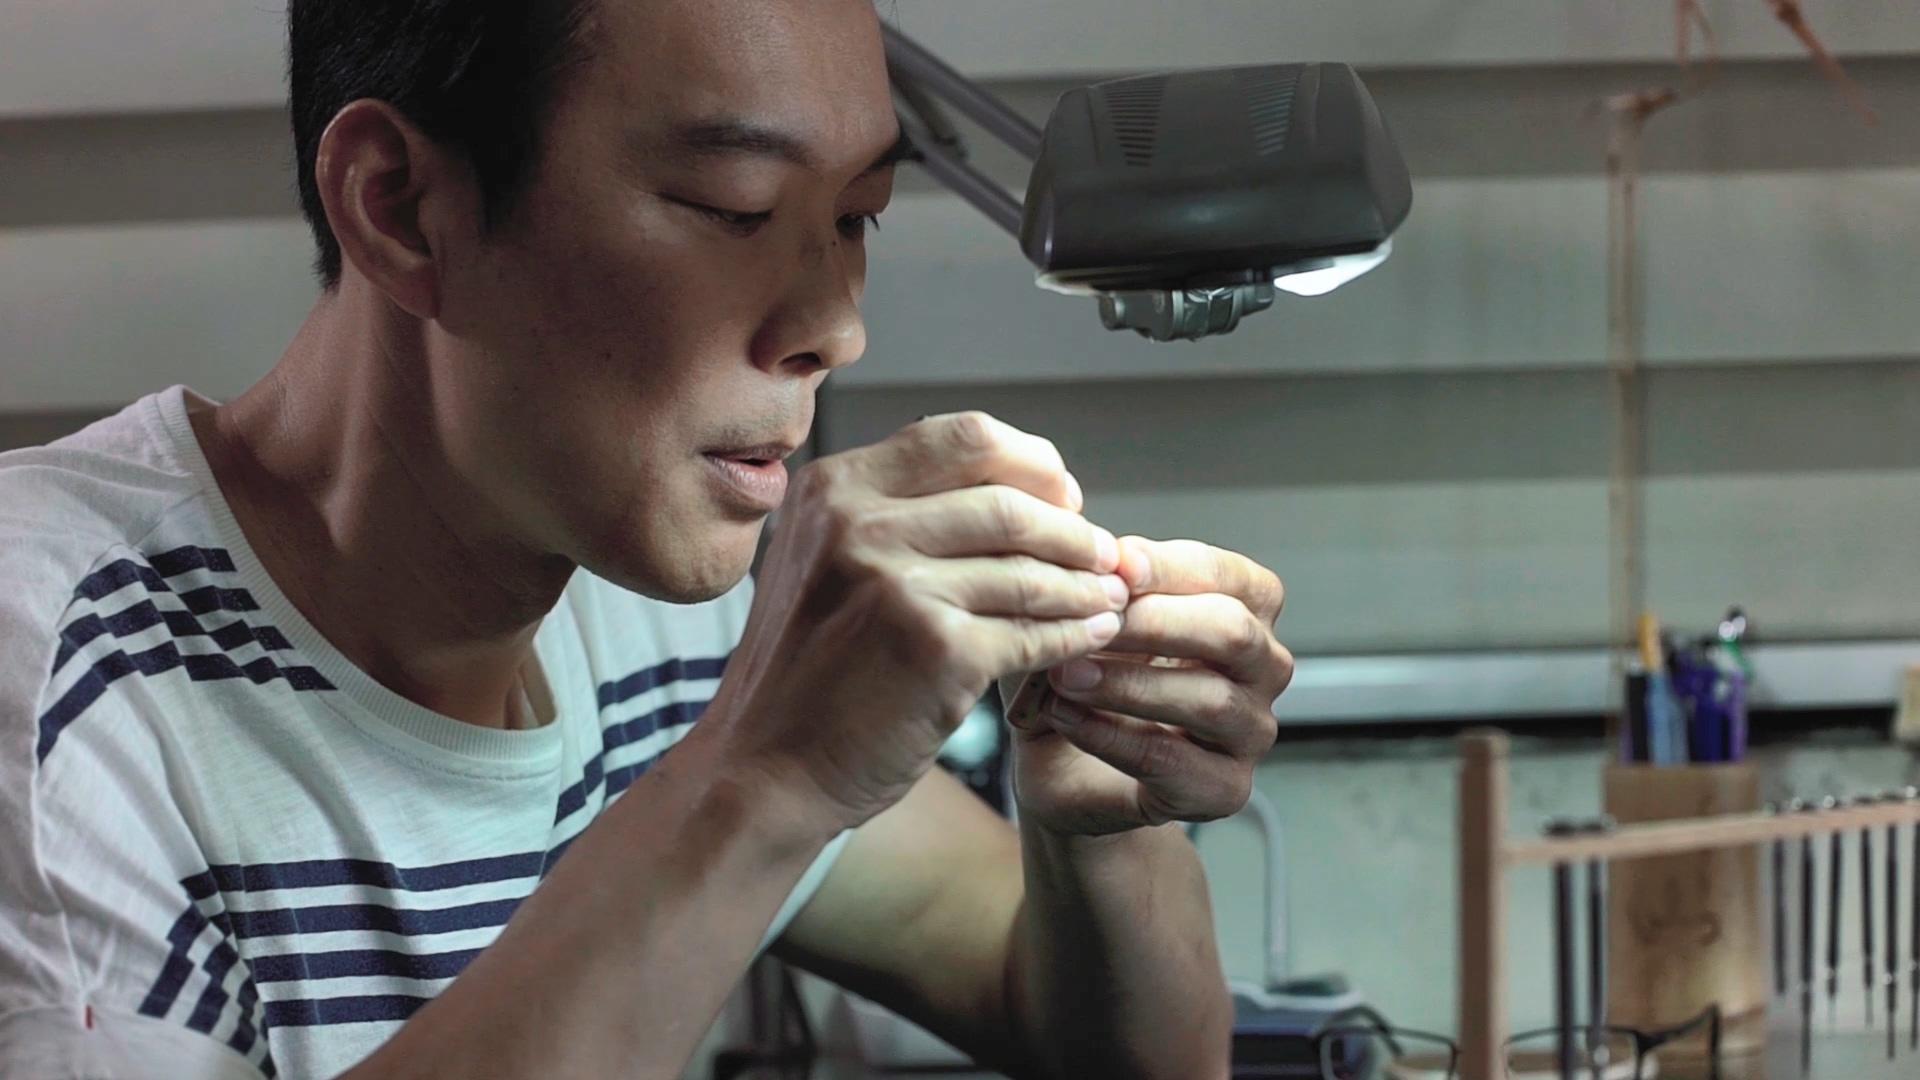 台灣筆芯雕刻達人李健竹專注雕刻作品。